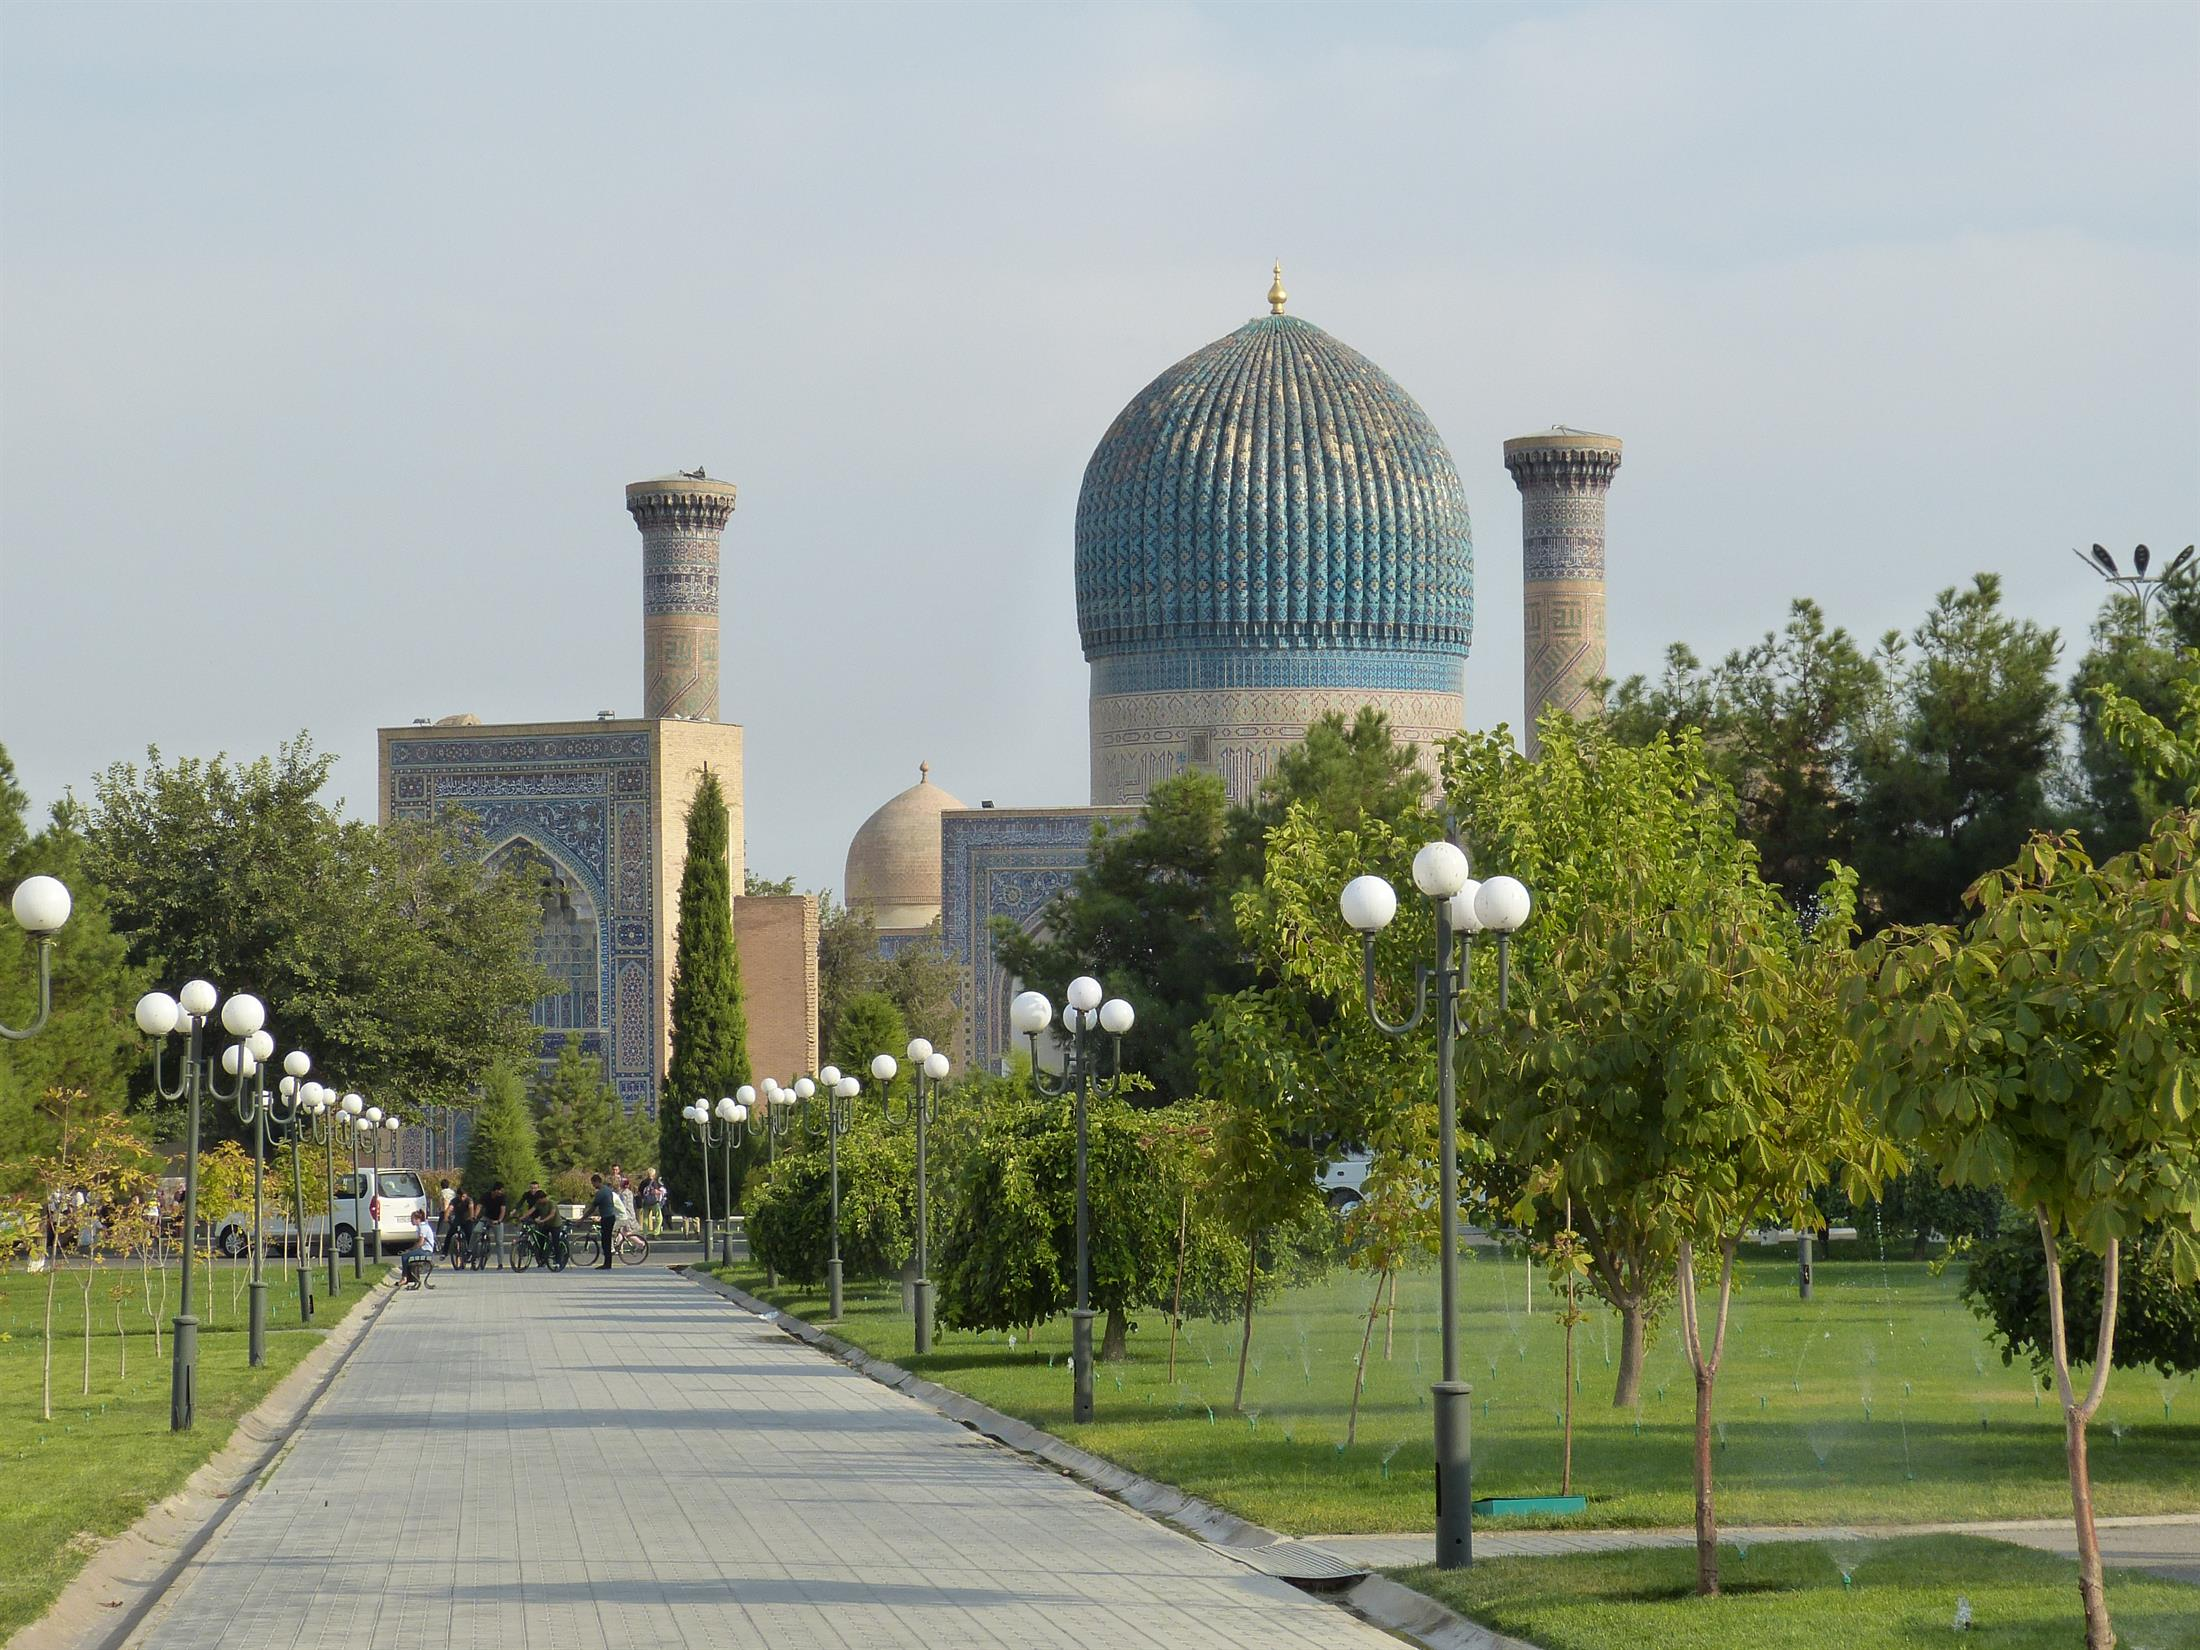 טיול מאורגן לאוזבקיסטן | 15.5.20 | 8 ימים, 7 לילות